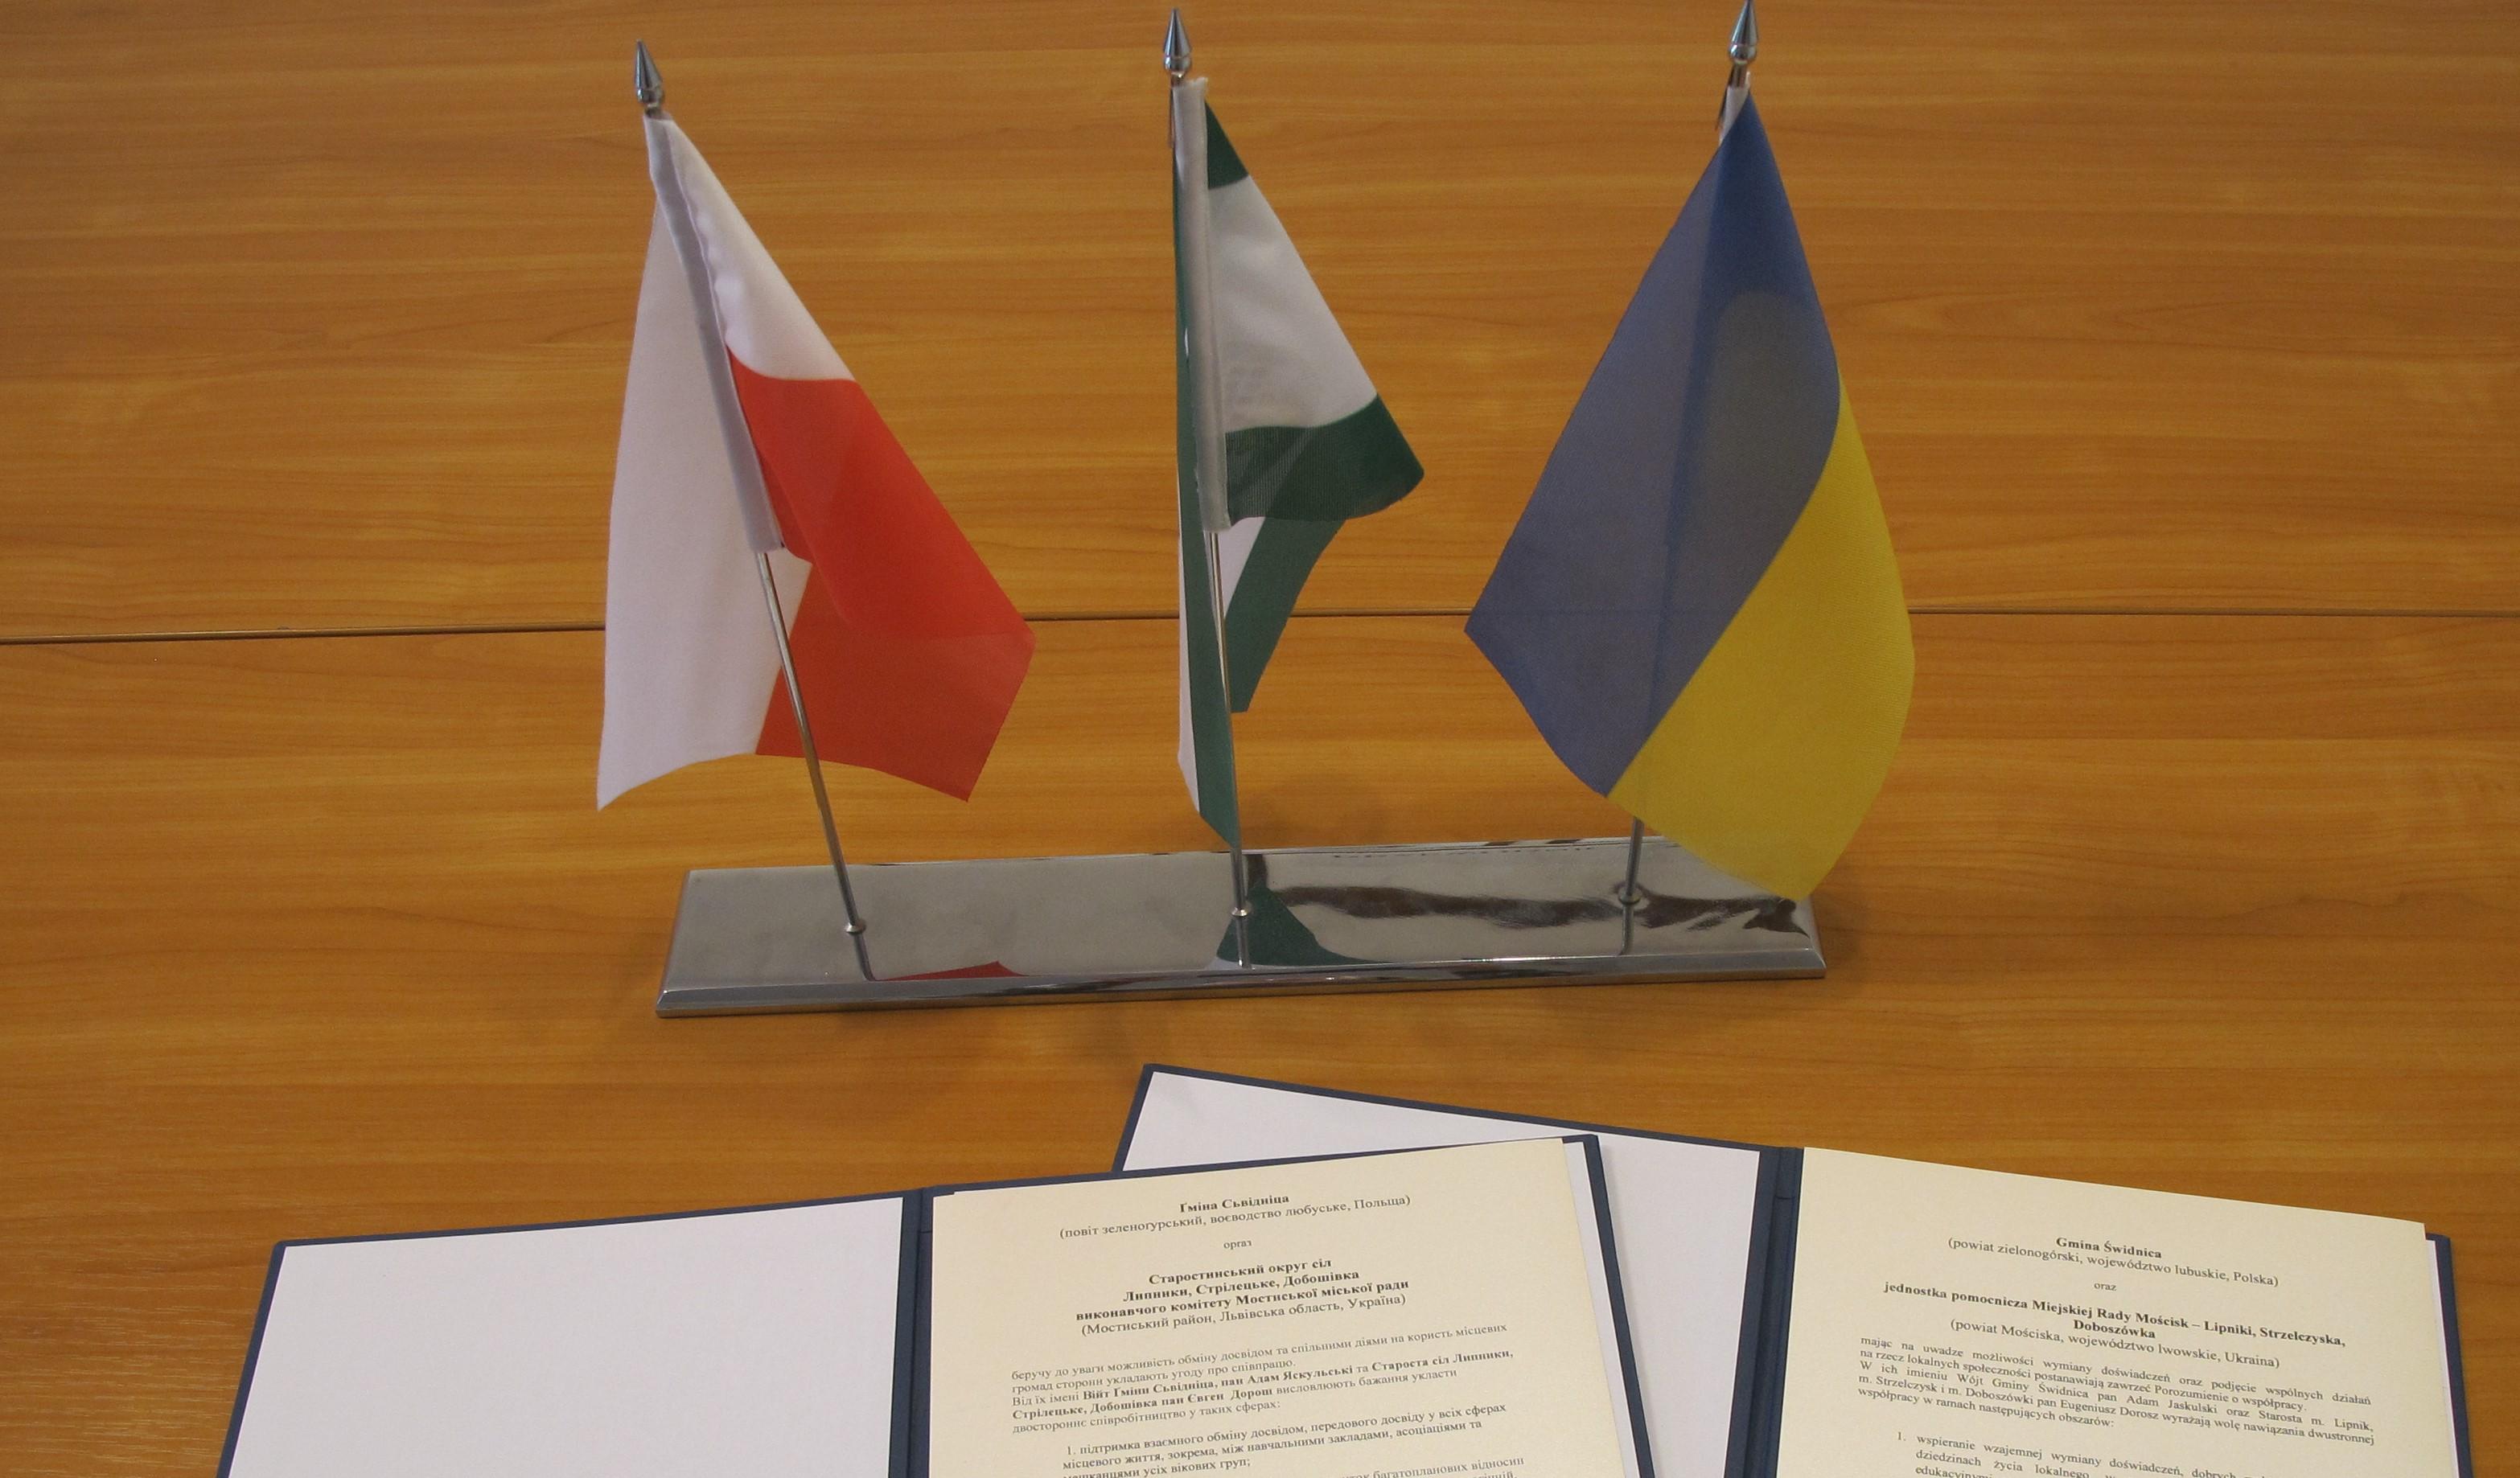 Ilustracja do informacji: Porozumienie o współpracy z gminą Lipniki, Strzelczyska i Doboszówka na Ukrainie - jednostką pomocniczą Miejskiej Rady Mościsk